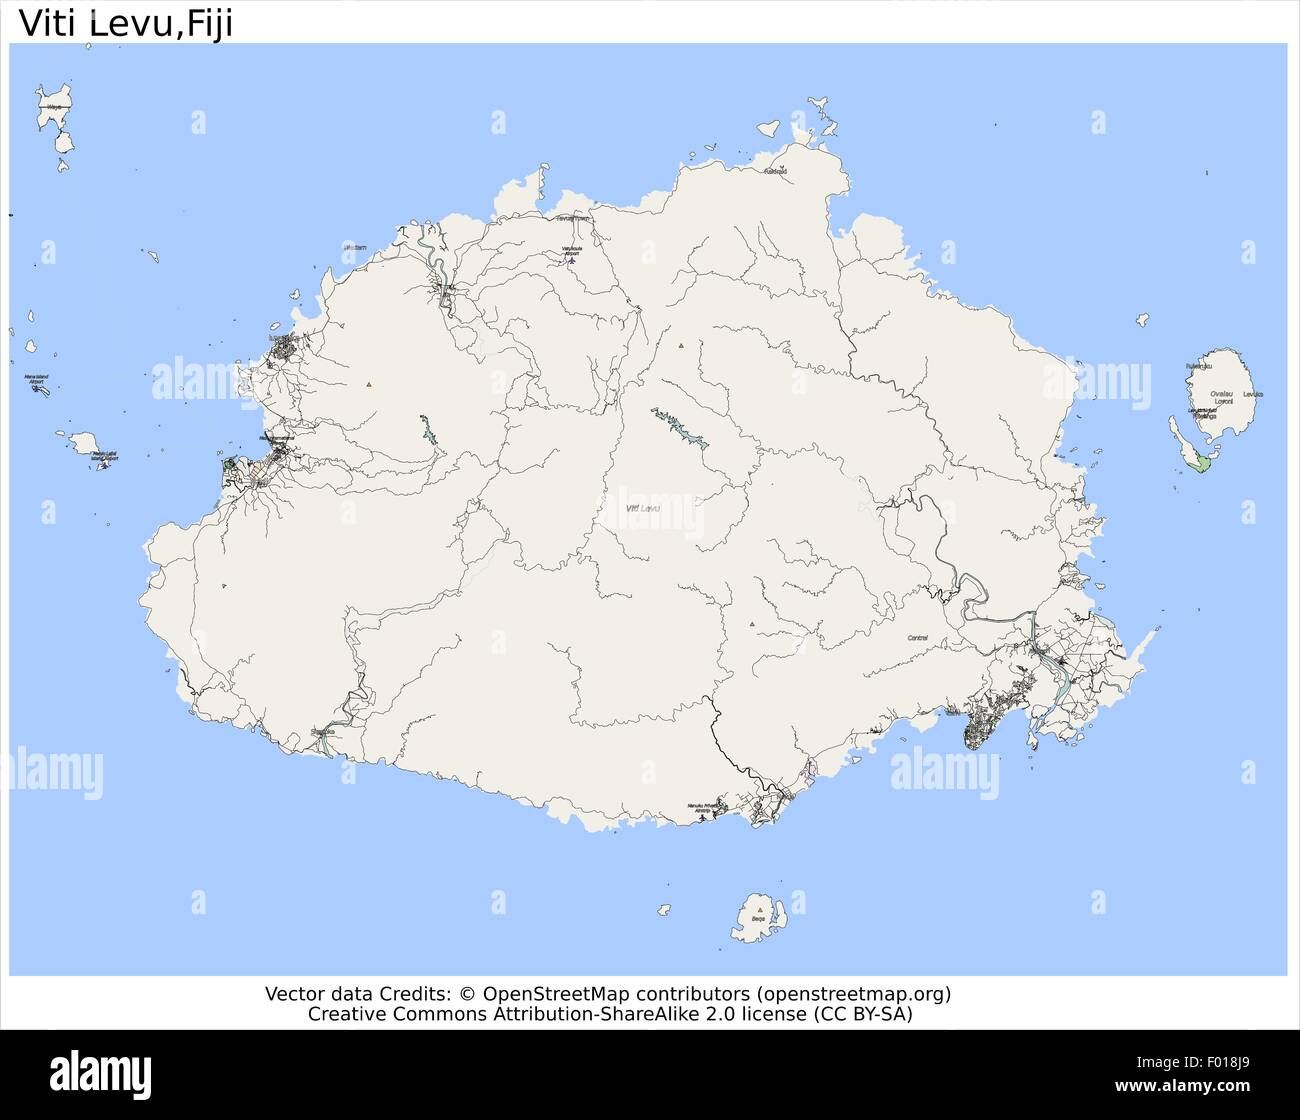 Viti Levu Islas Fiji Mapa De La Ciudad Vista Aerea